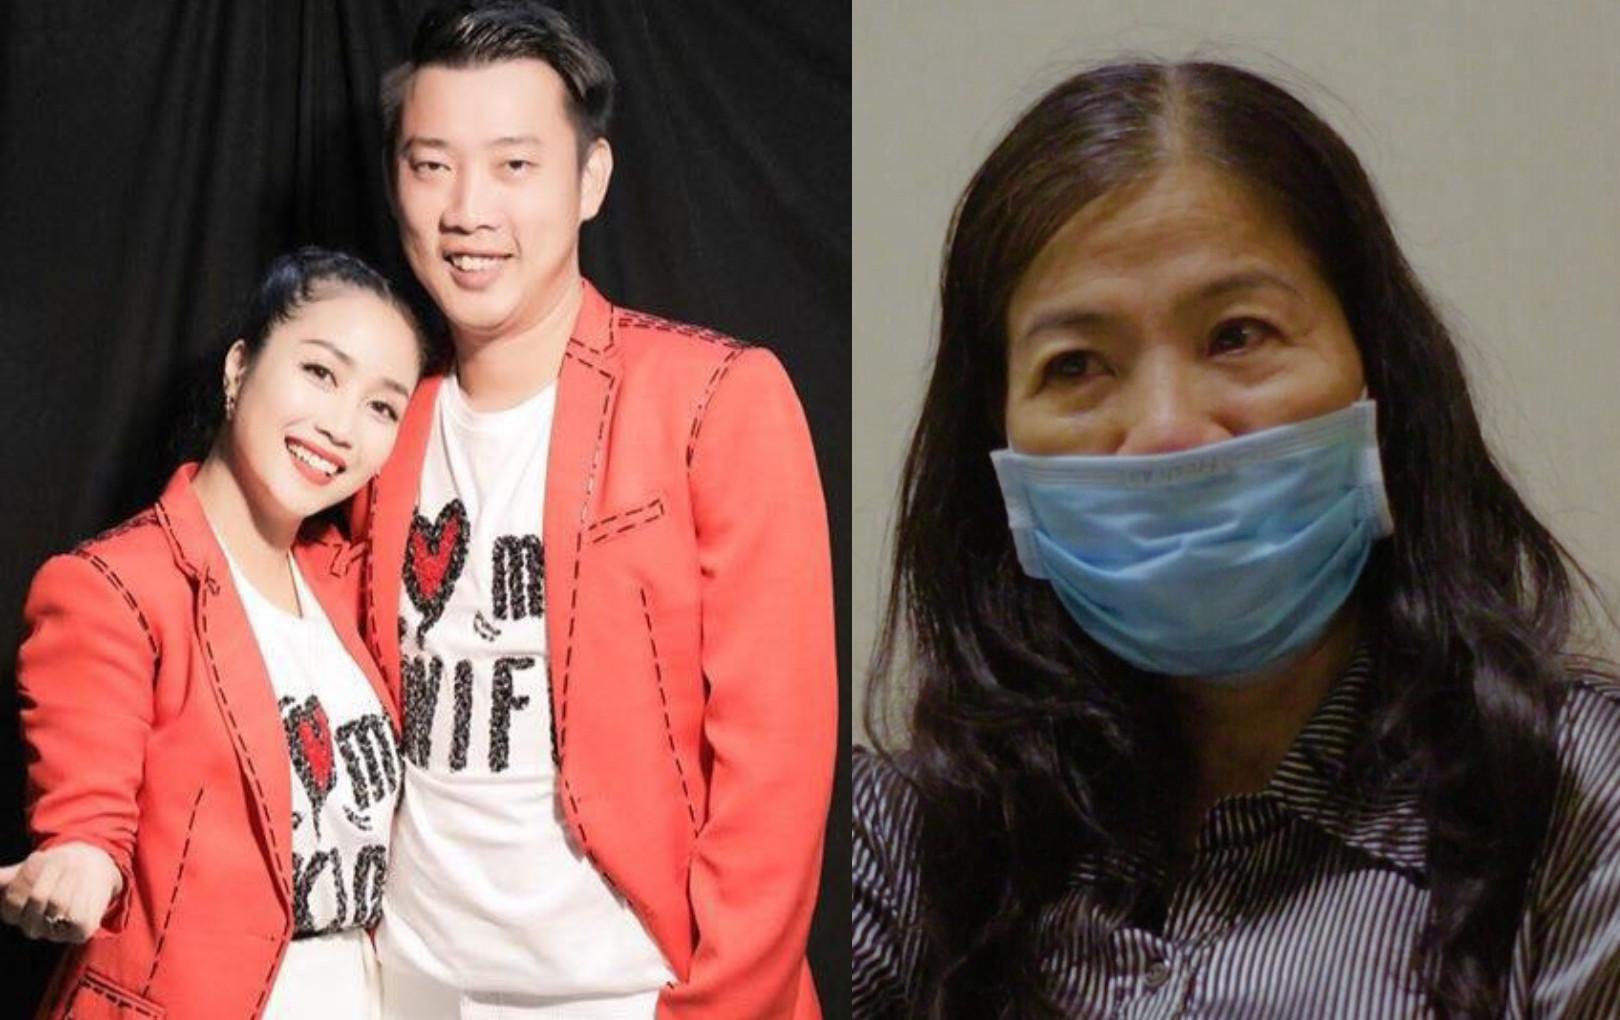 Chồng Ốc Thanh Vân ám chỉ mẹ Mai Phương bịa đặt khi tố cáo bạn bè con gái xấc láo